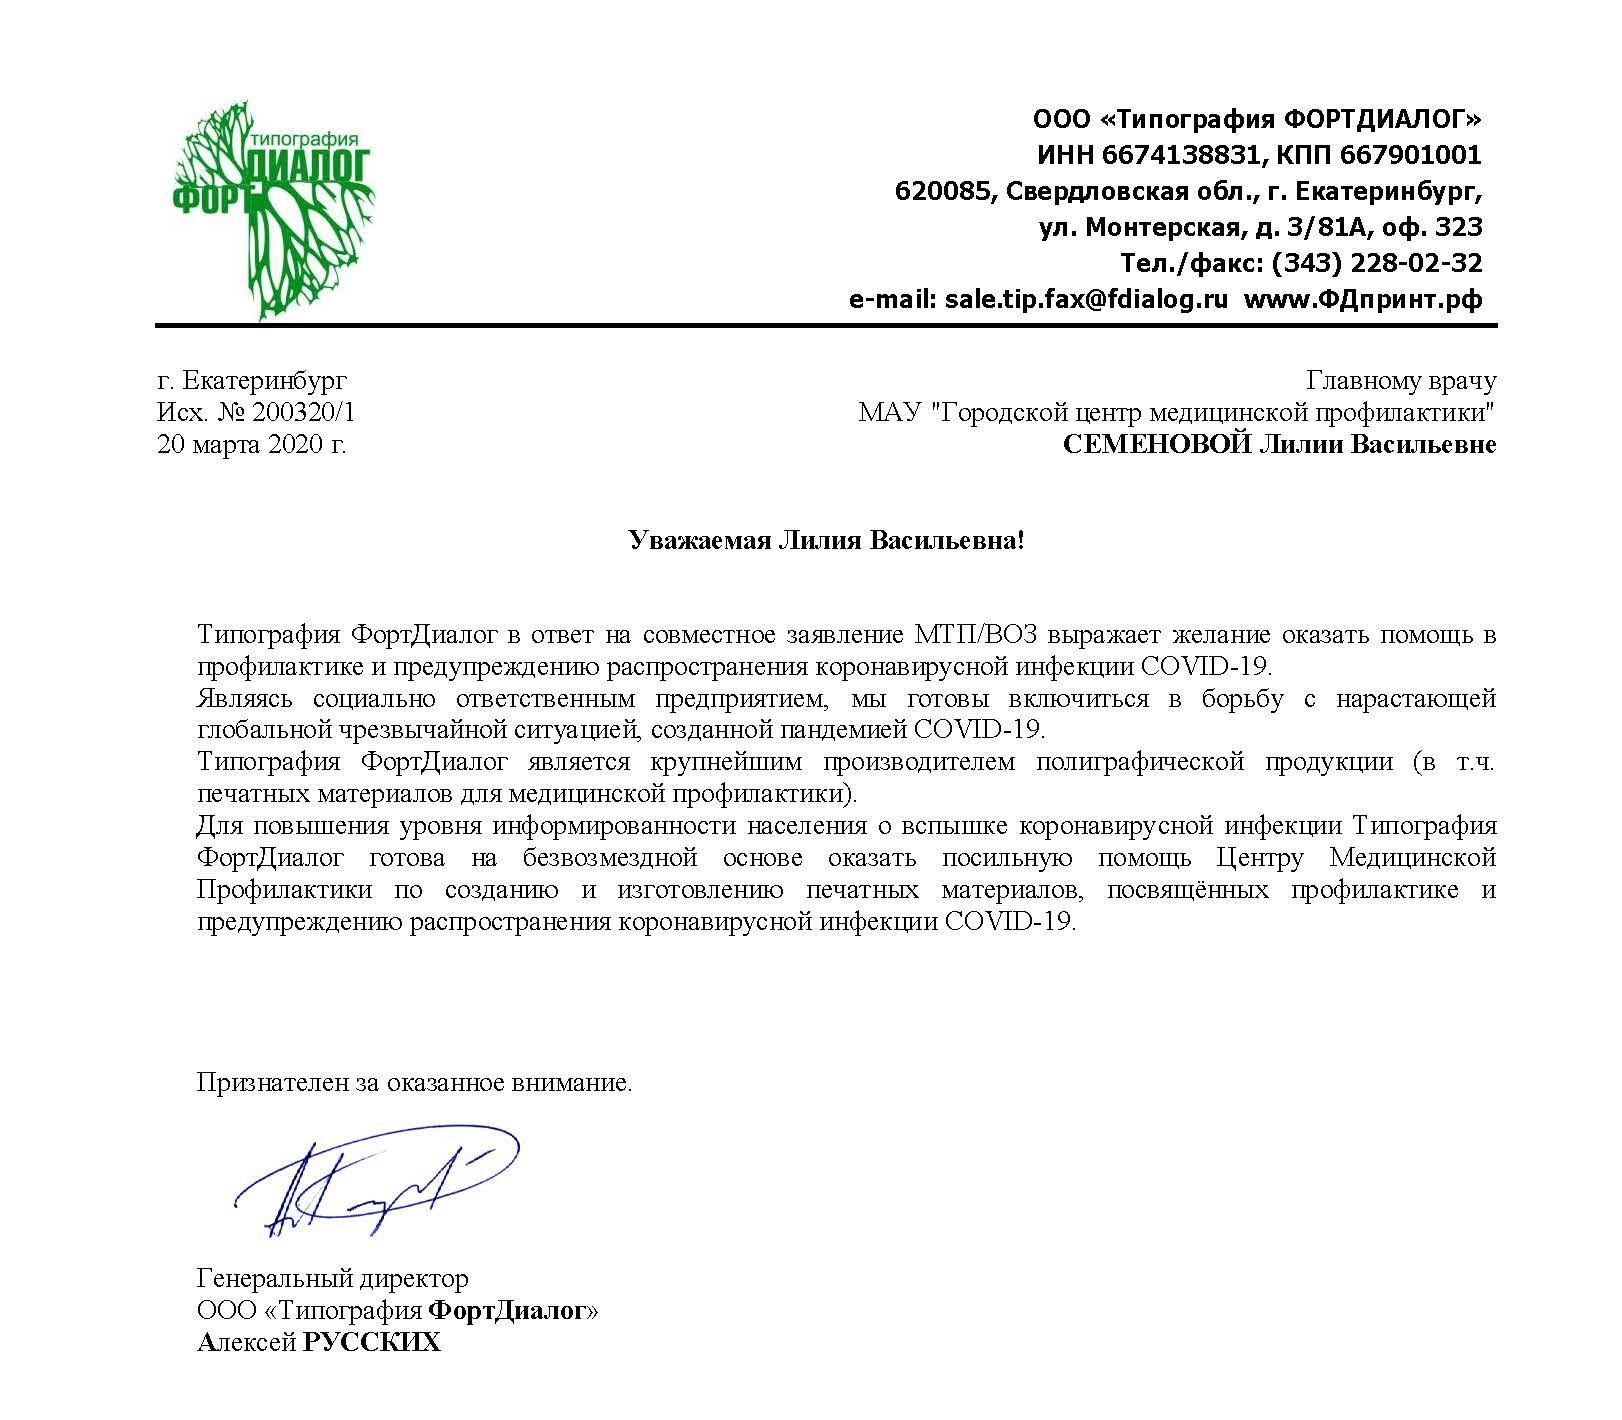 Открытое письмо Типография ФортДиалог в МАУ «Городской центр медицинской профилактики»